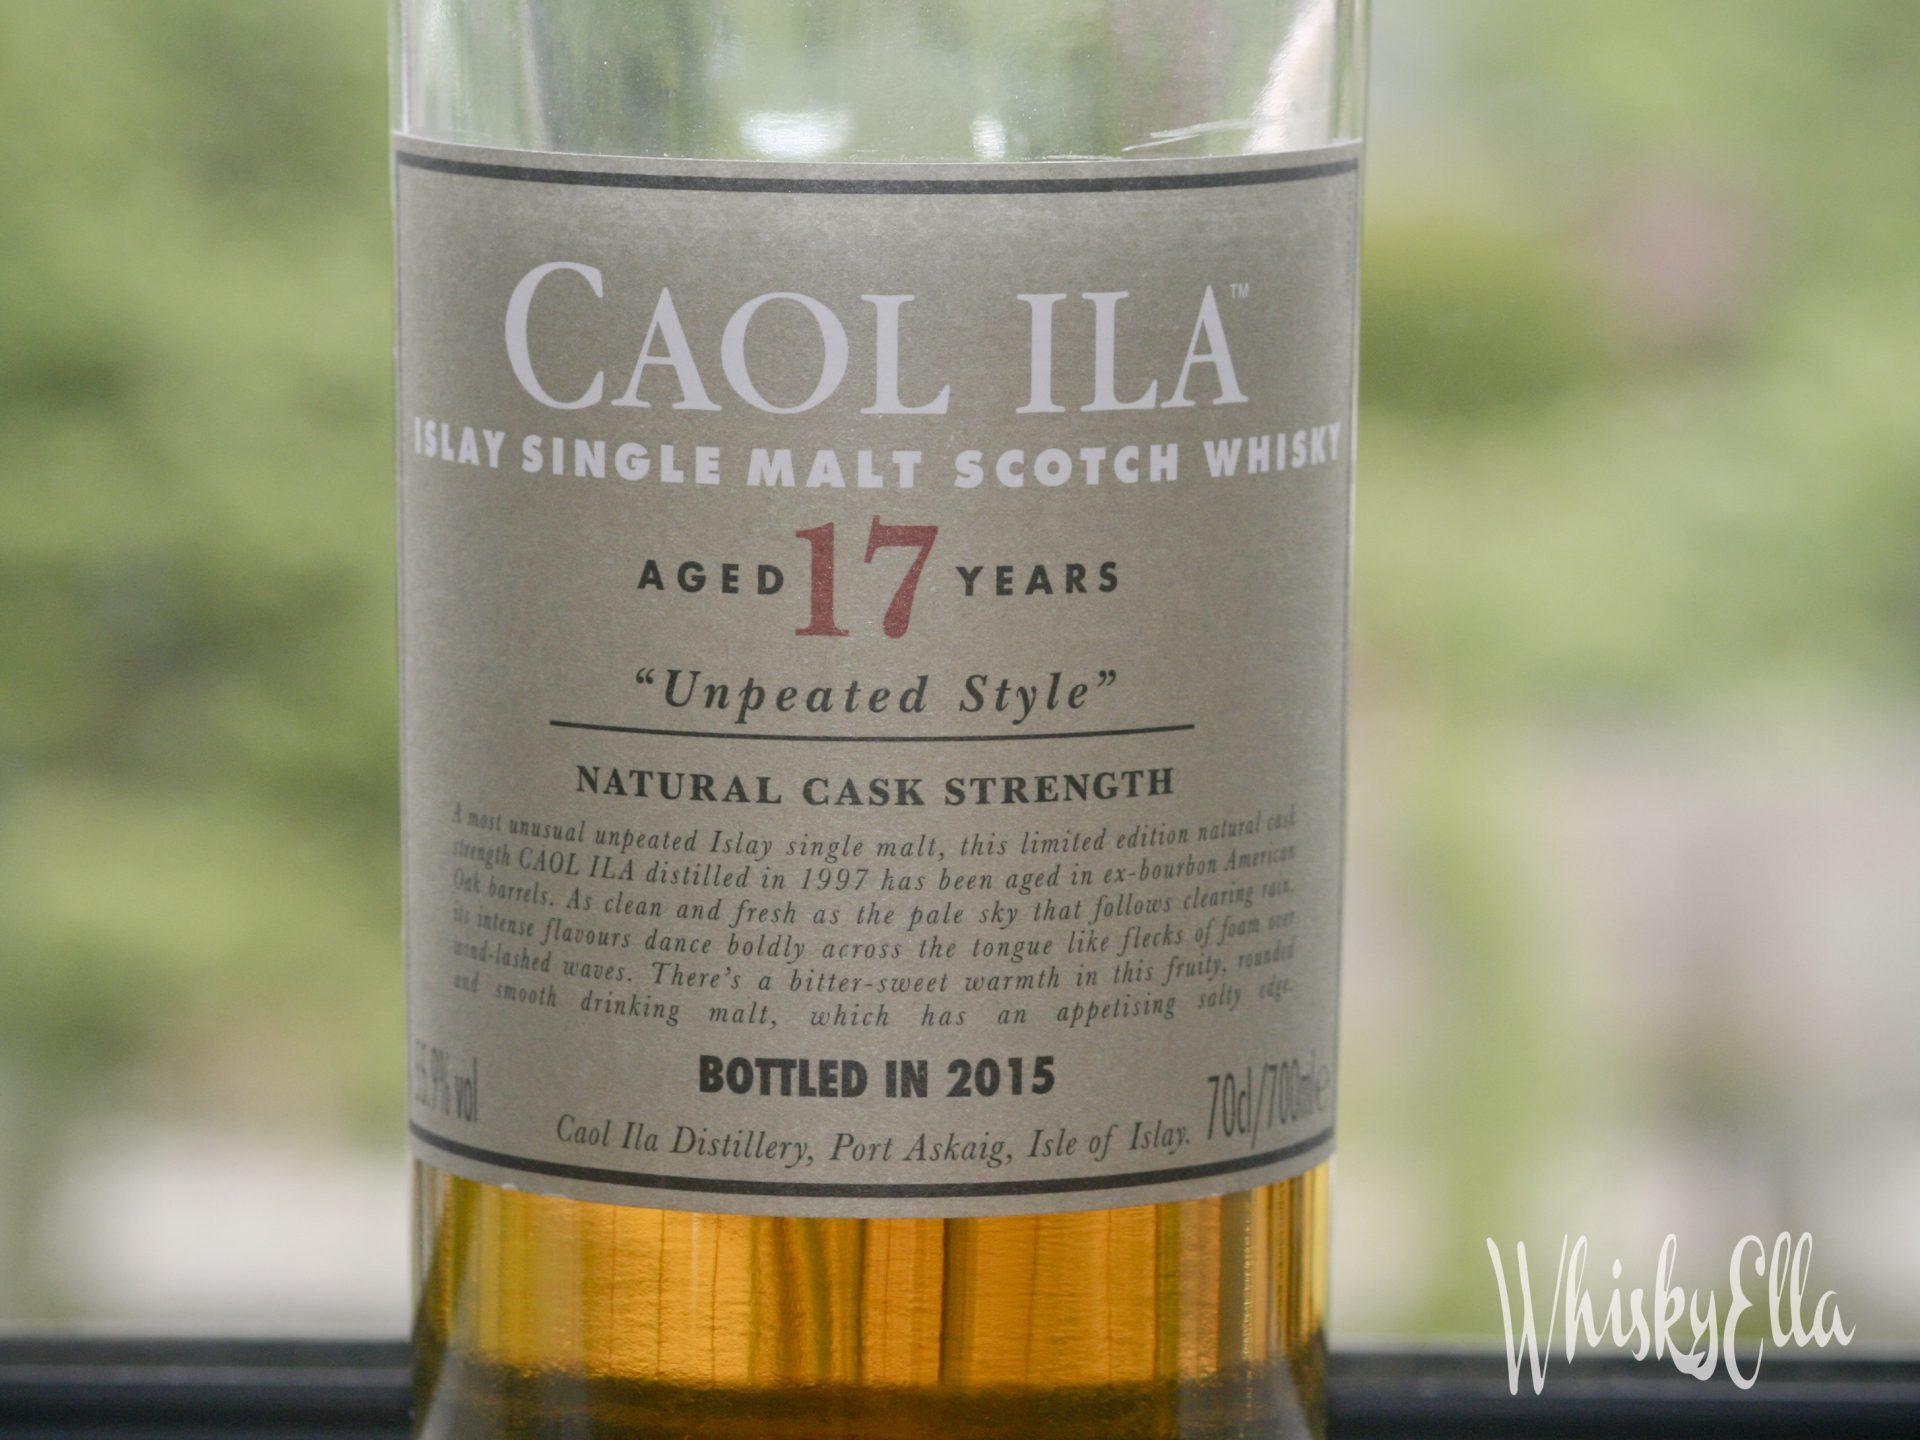 Nasza recenzja Caol Ila Unpeated 17 yo #64